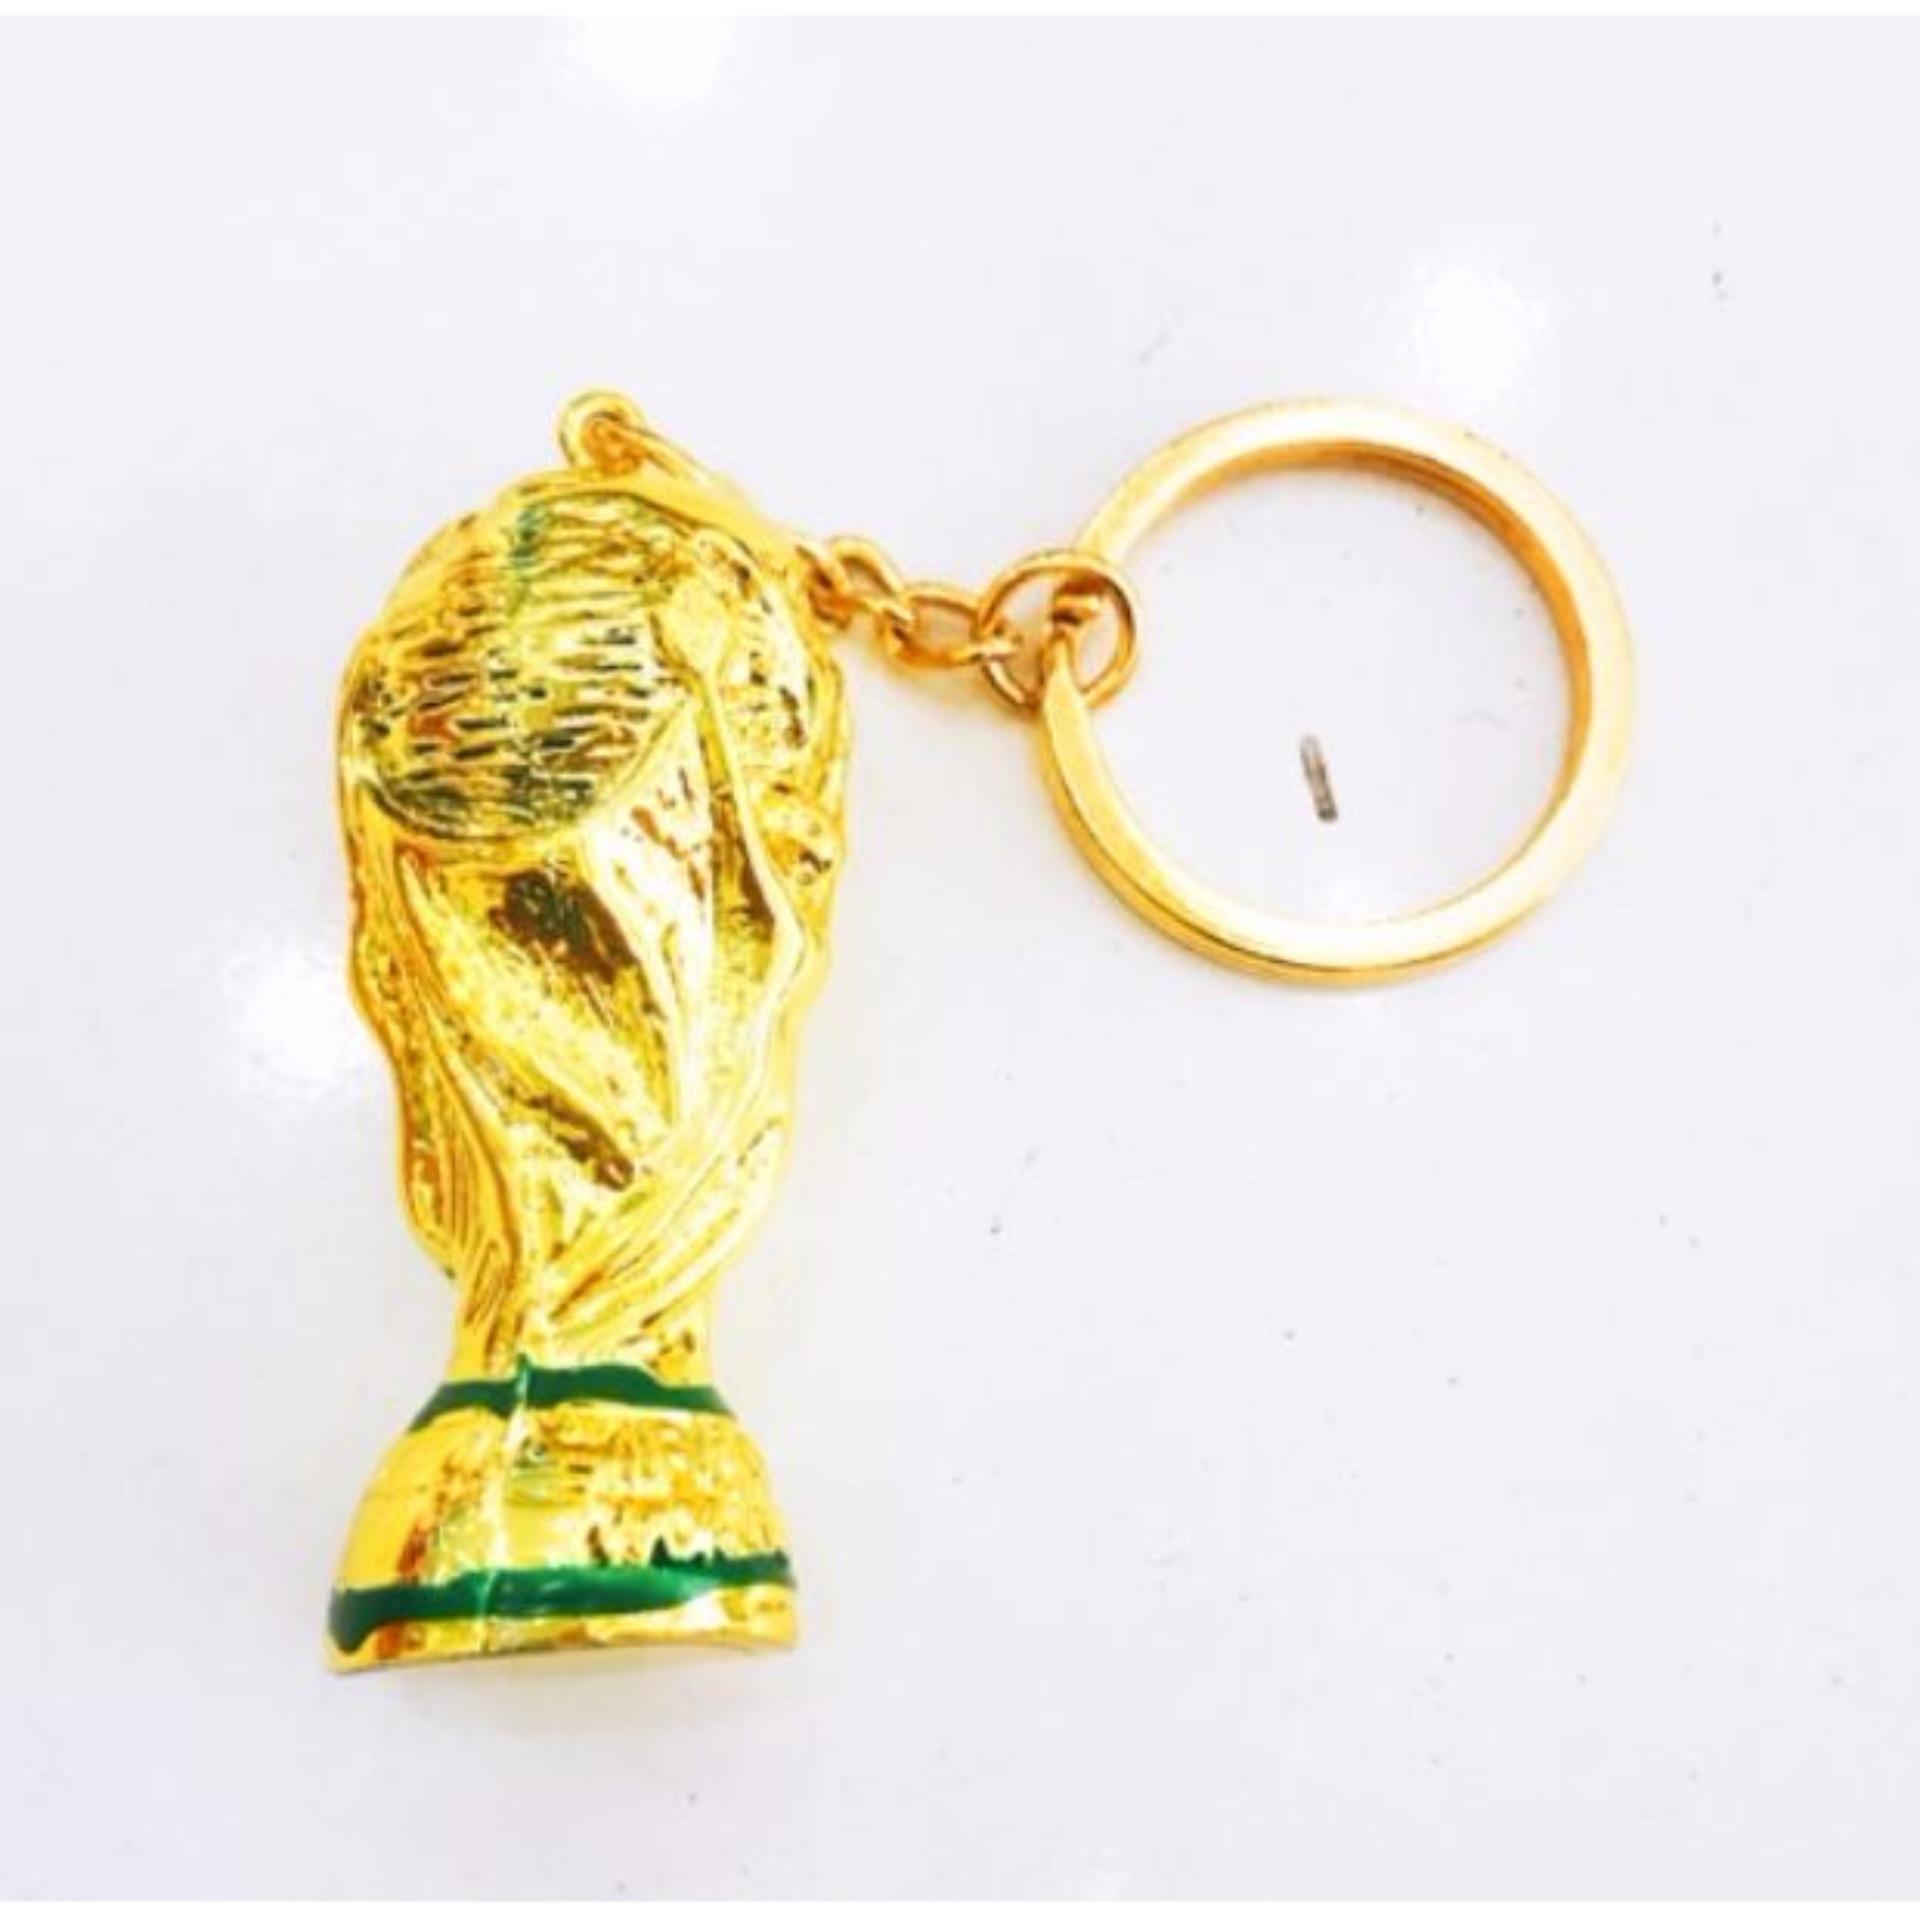 Móc đeo chìa khóa hình cúp bóng đá